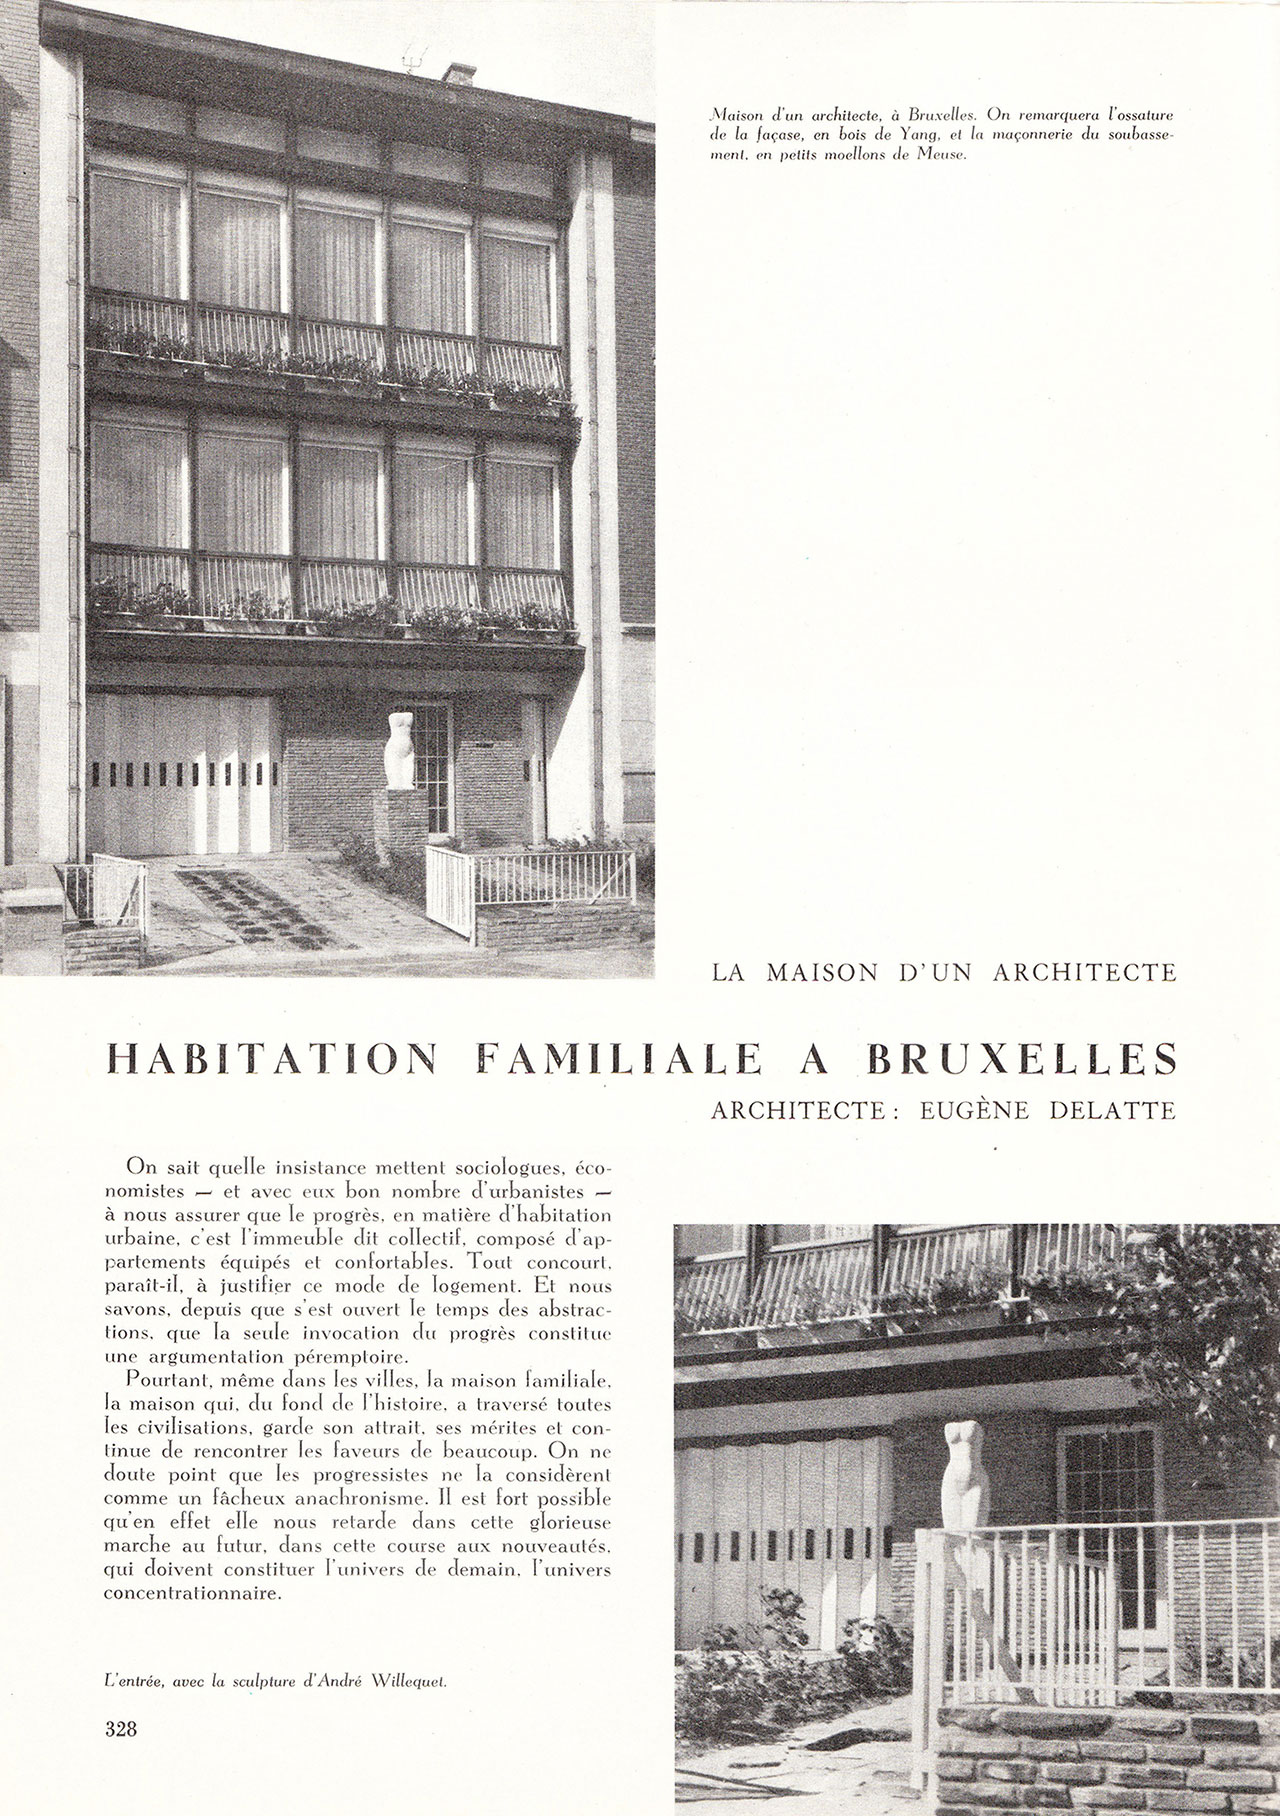 Habitation familiale à Bruxelles